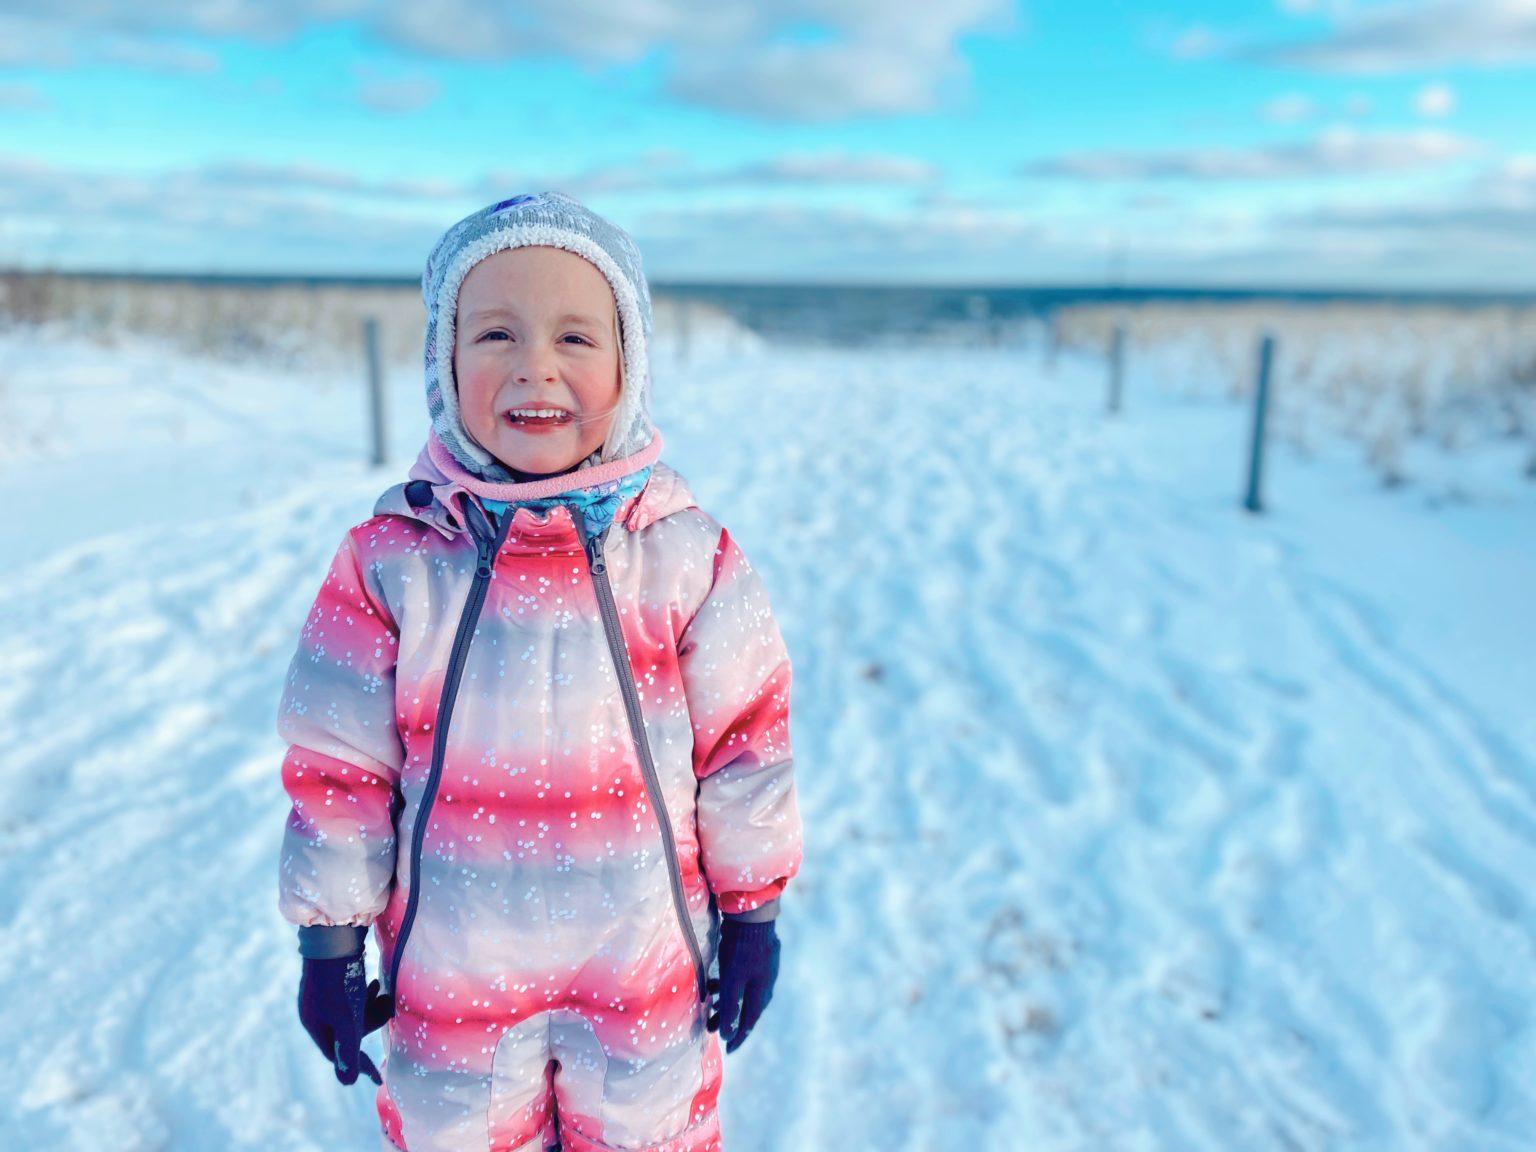 Wir waren zur Mutter Kind Kur an der Ostsee und hatten Schnee